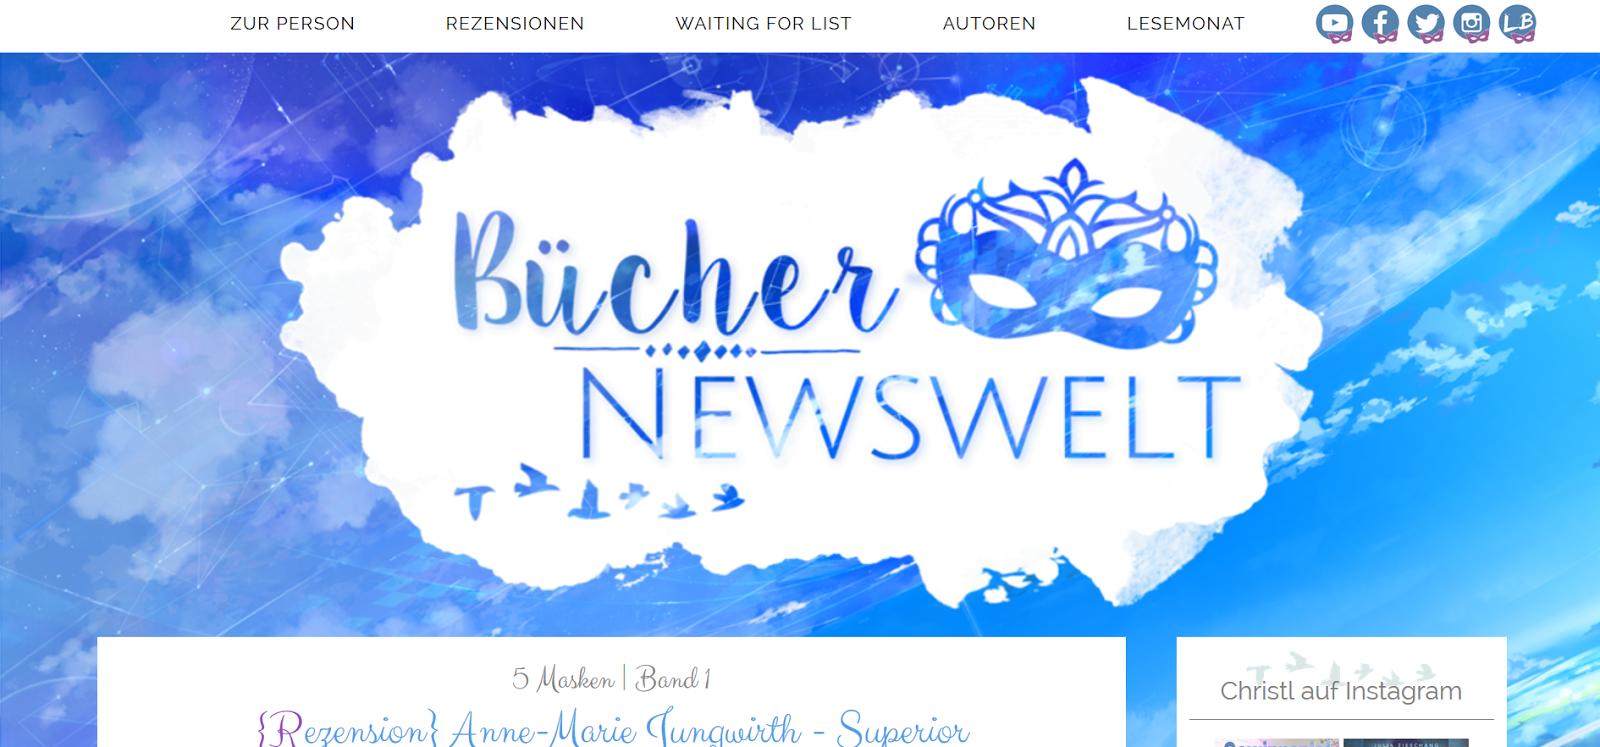 http://buecher-newswelt.blogspot.de/